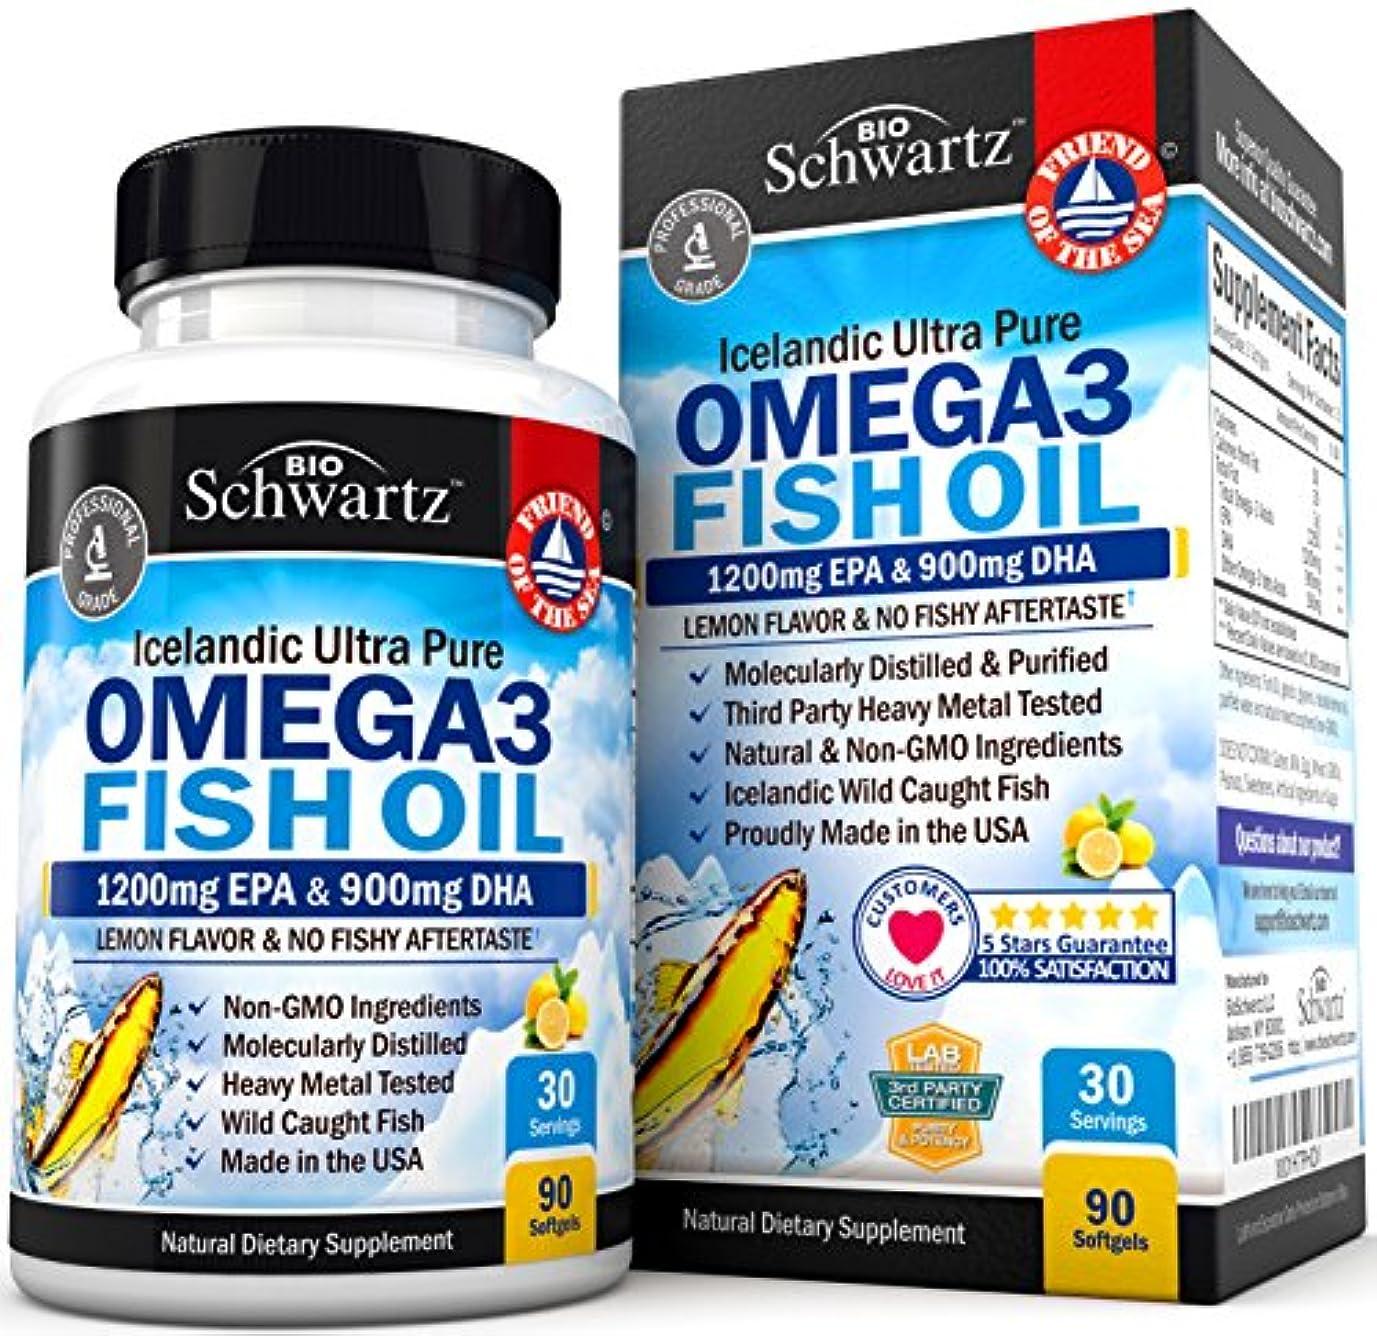 のスコアそのチョップBioSchwartz Omega 3 Fish Oil Supplement with 1200mg EPA, 900mg DHA 90粒